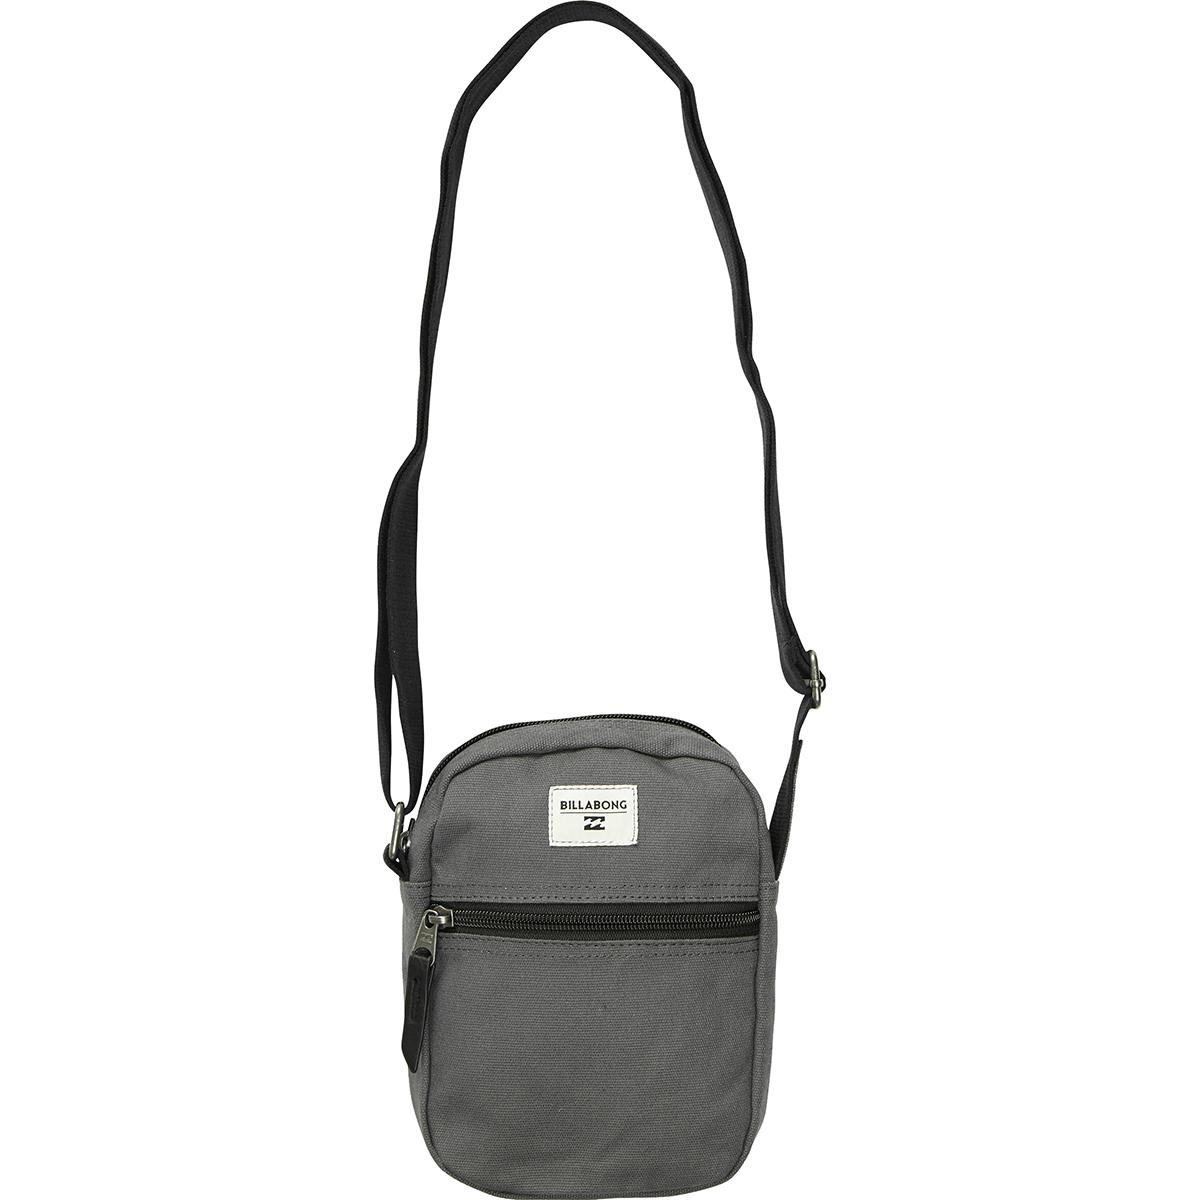 Сумка Billabong Collision, цвет: черный, 1,5 л. Z5SA02Z5SA02Вместительная сумка с простой внутренней организацией. Лаконичный крой, дополненный внутренним карманом на молнии, который позволит быстро находить необходимые мелочи, позволит вместить множество вещей.